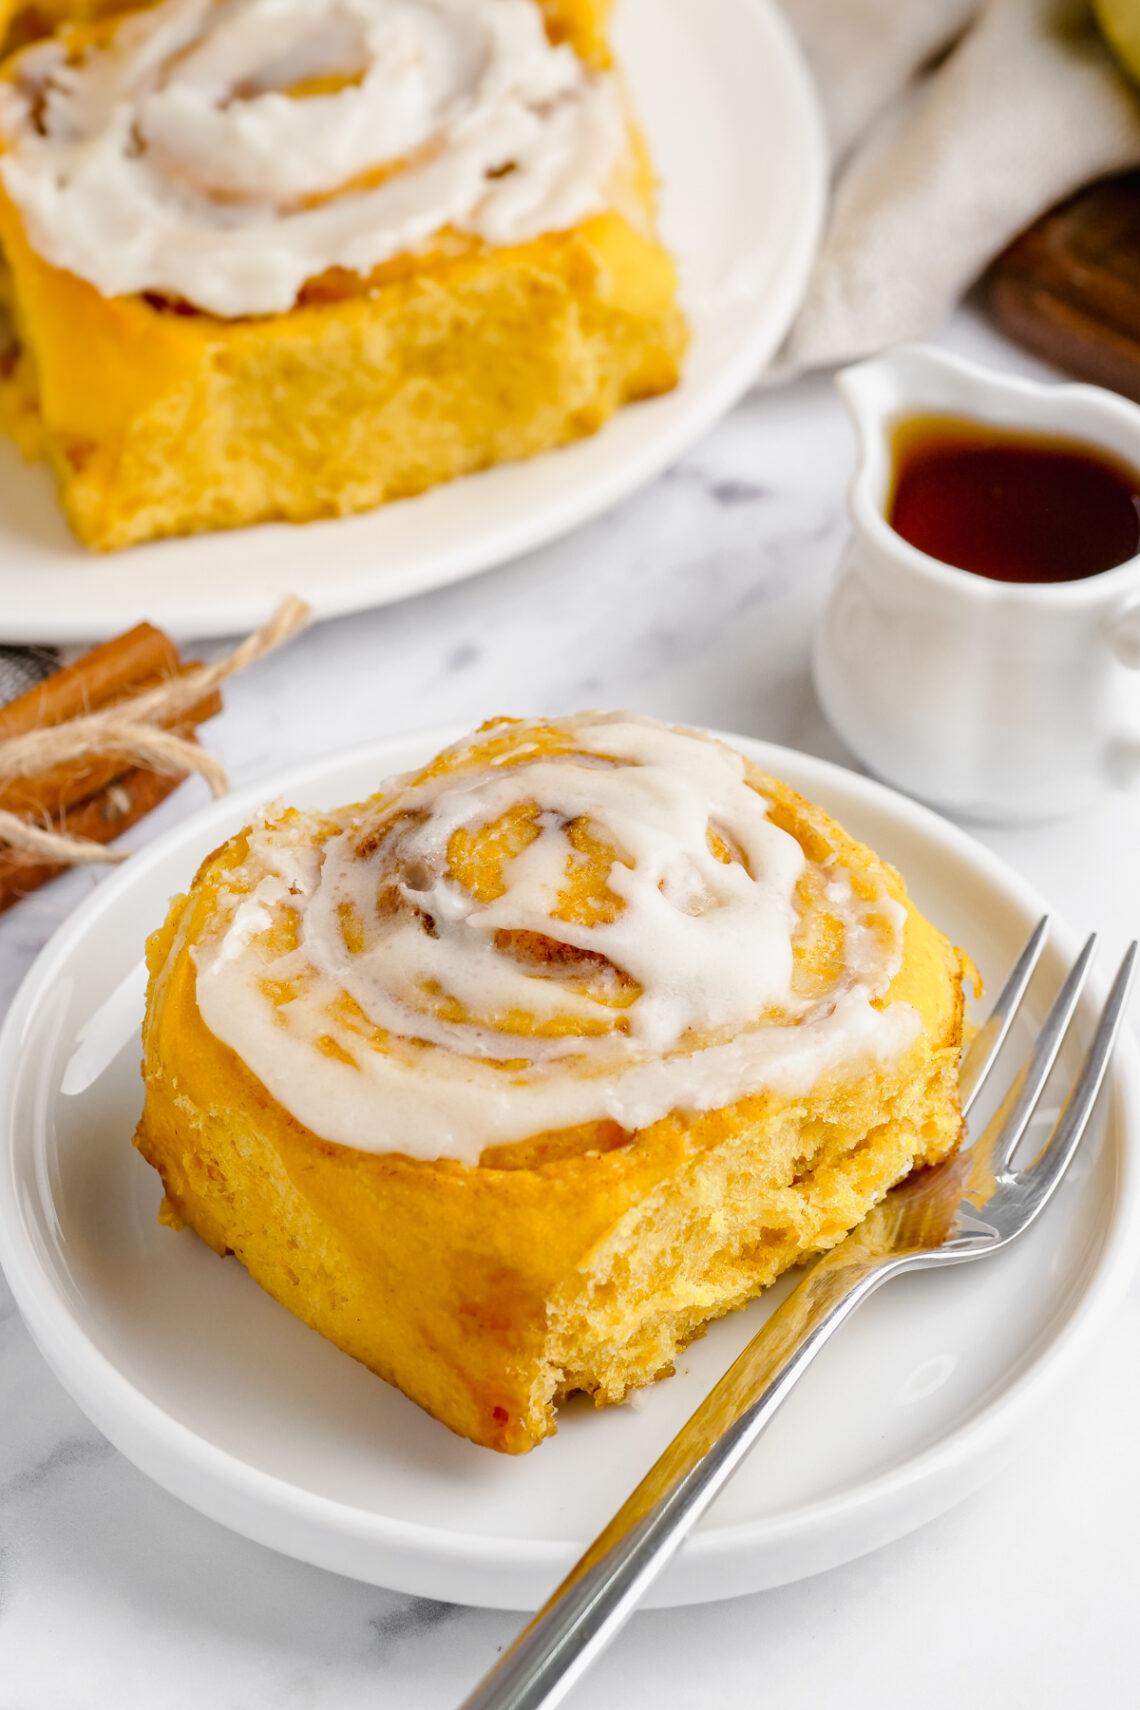 pumpkin cinnamon roll on a white plate